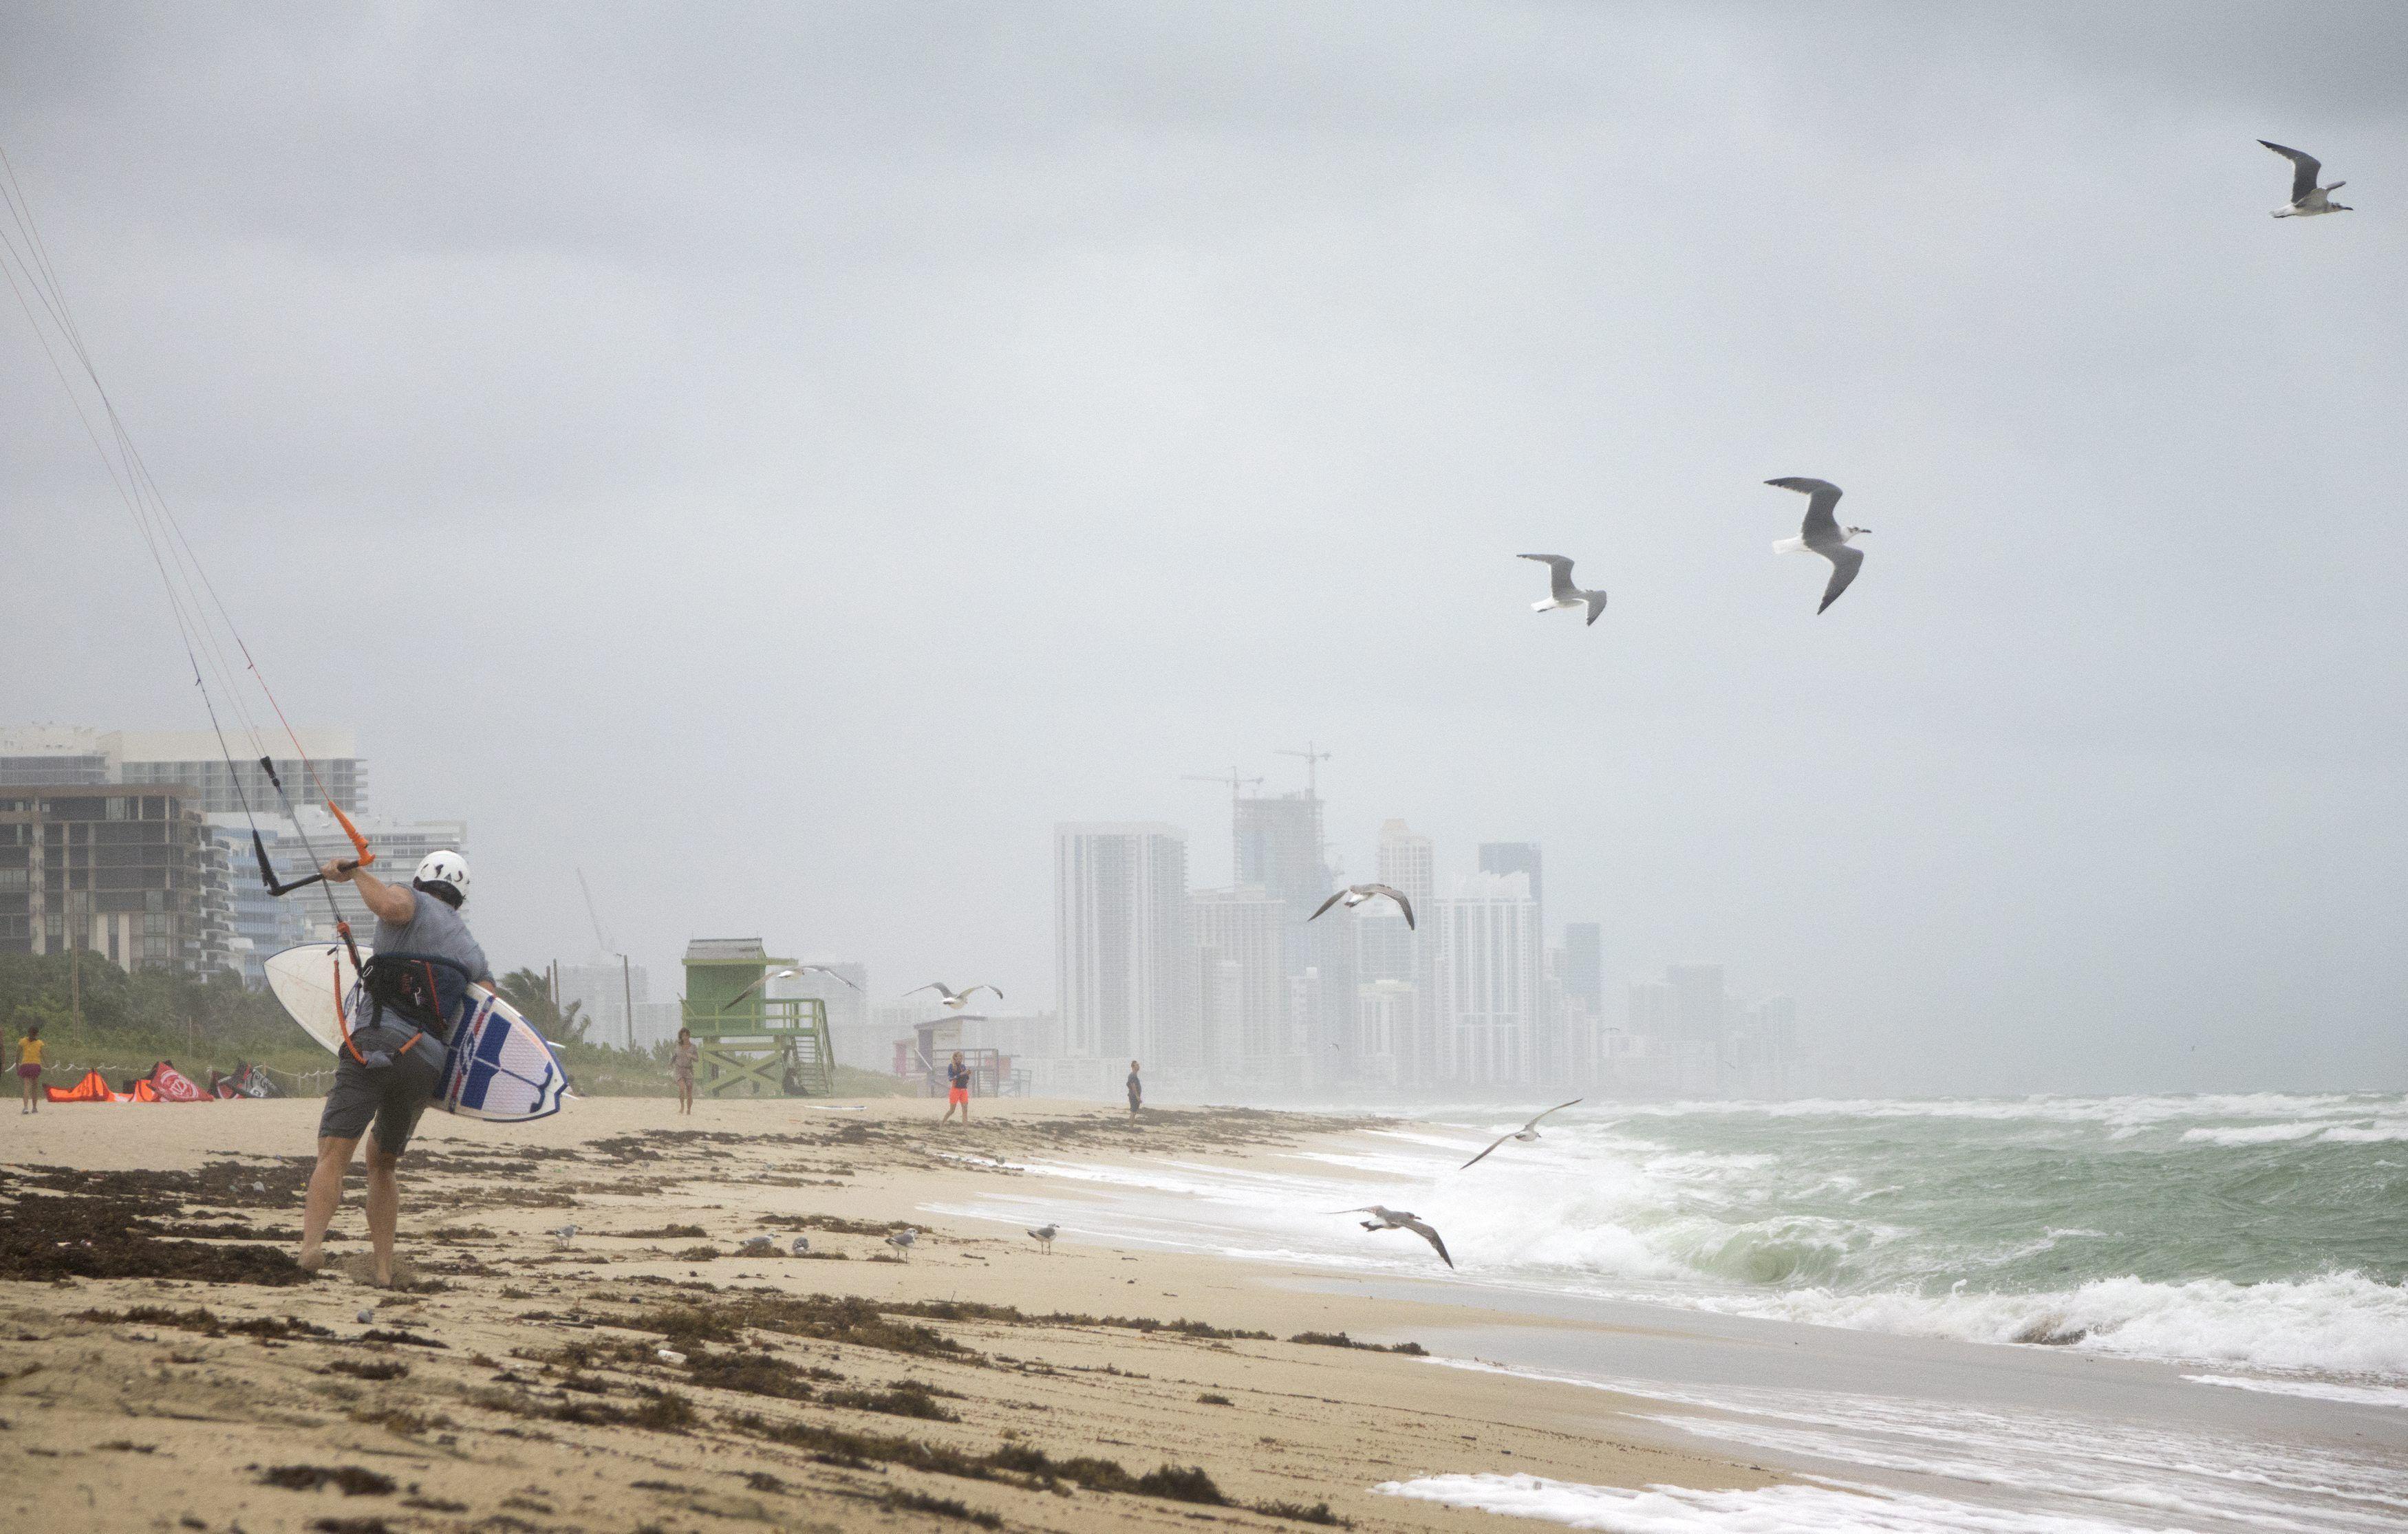 Advertencia del gobernador de Florida sobre el huracán Matthew: Evacúen, los puede matar